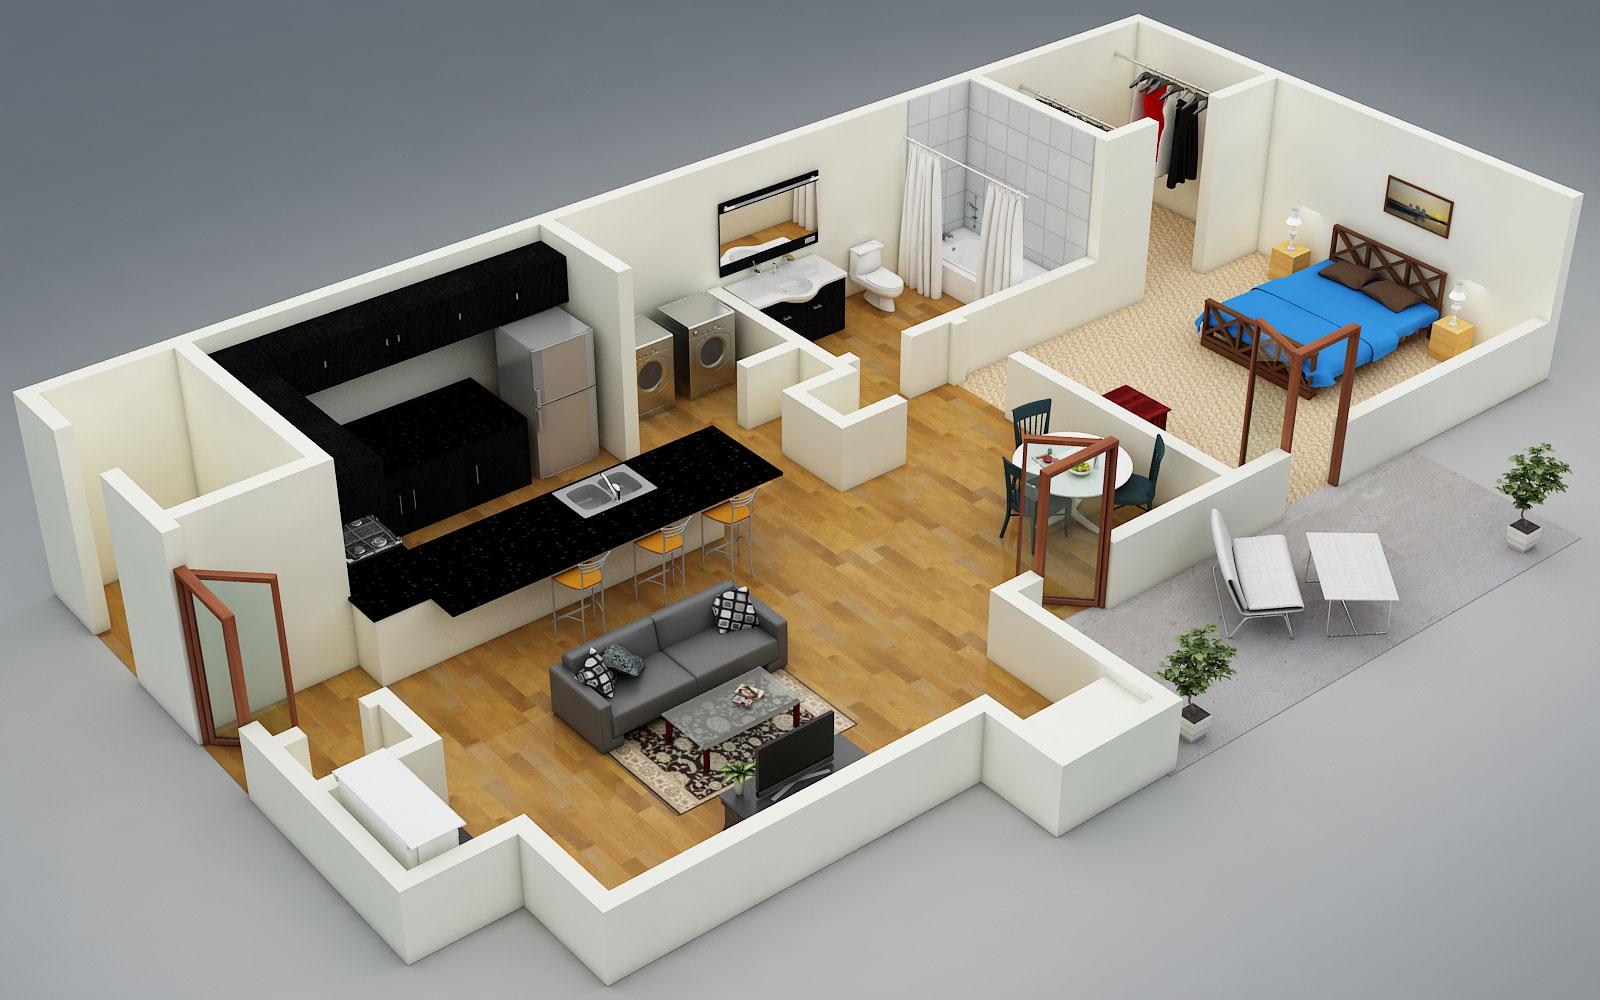 1 Bedroom Apartments Birmingham Al. Cheap 1 Bedroom Apartments Birmingham Al   Centerfordemocracy org